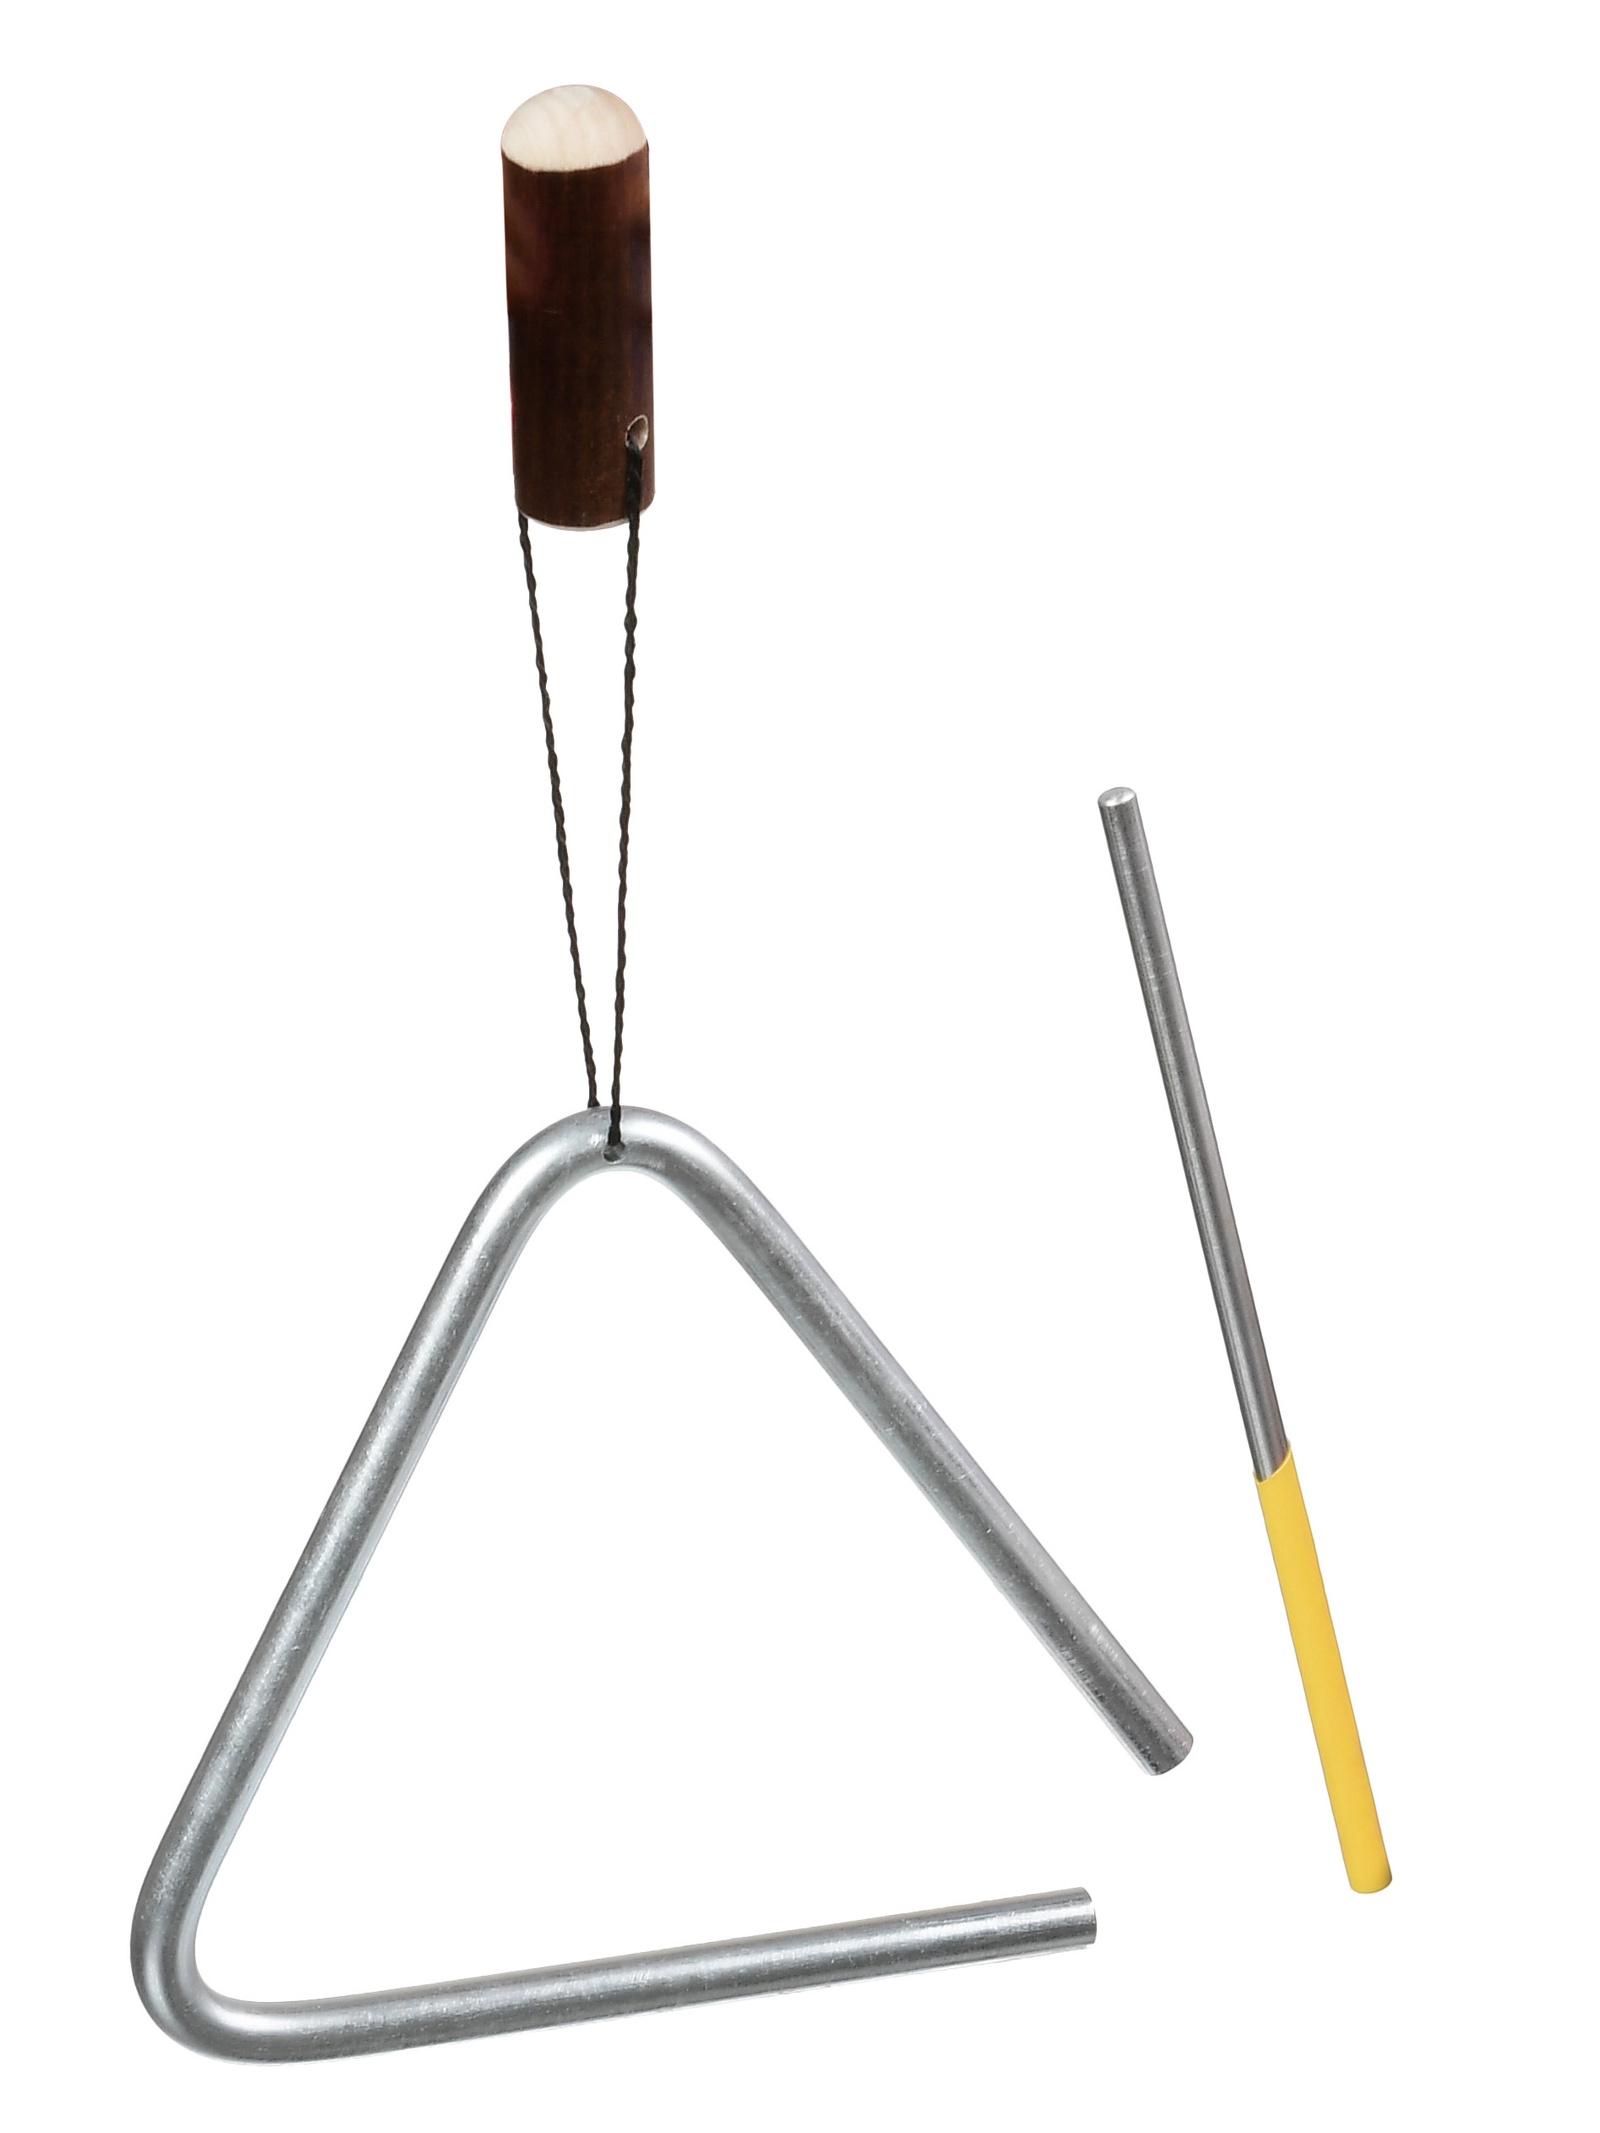 Мастерская Сереброва сп-тг-02 Треугольник 12 см с ударной палочкой